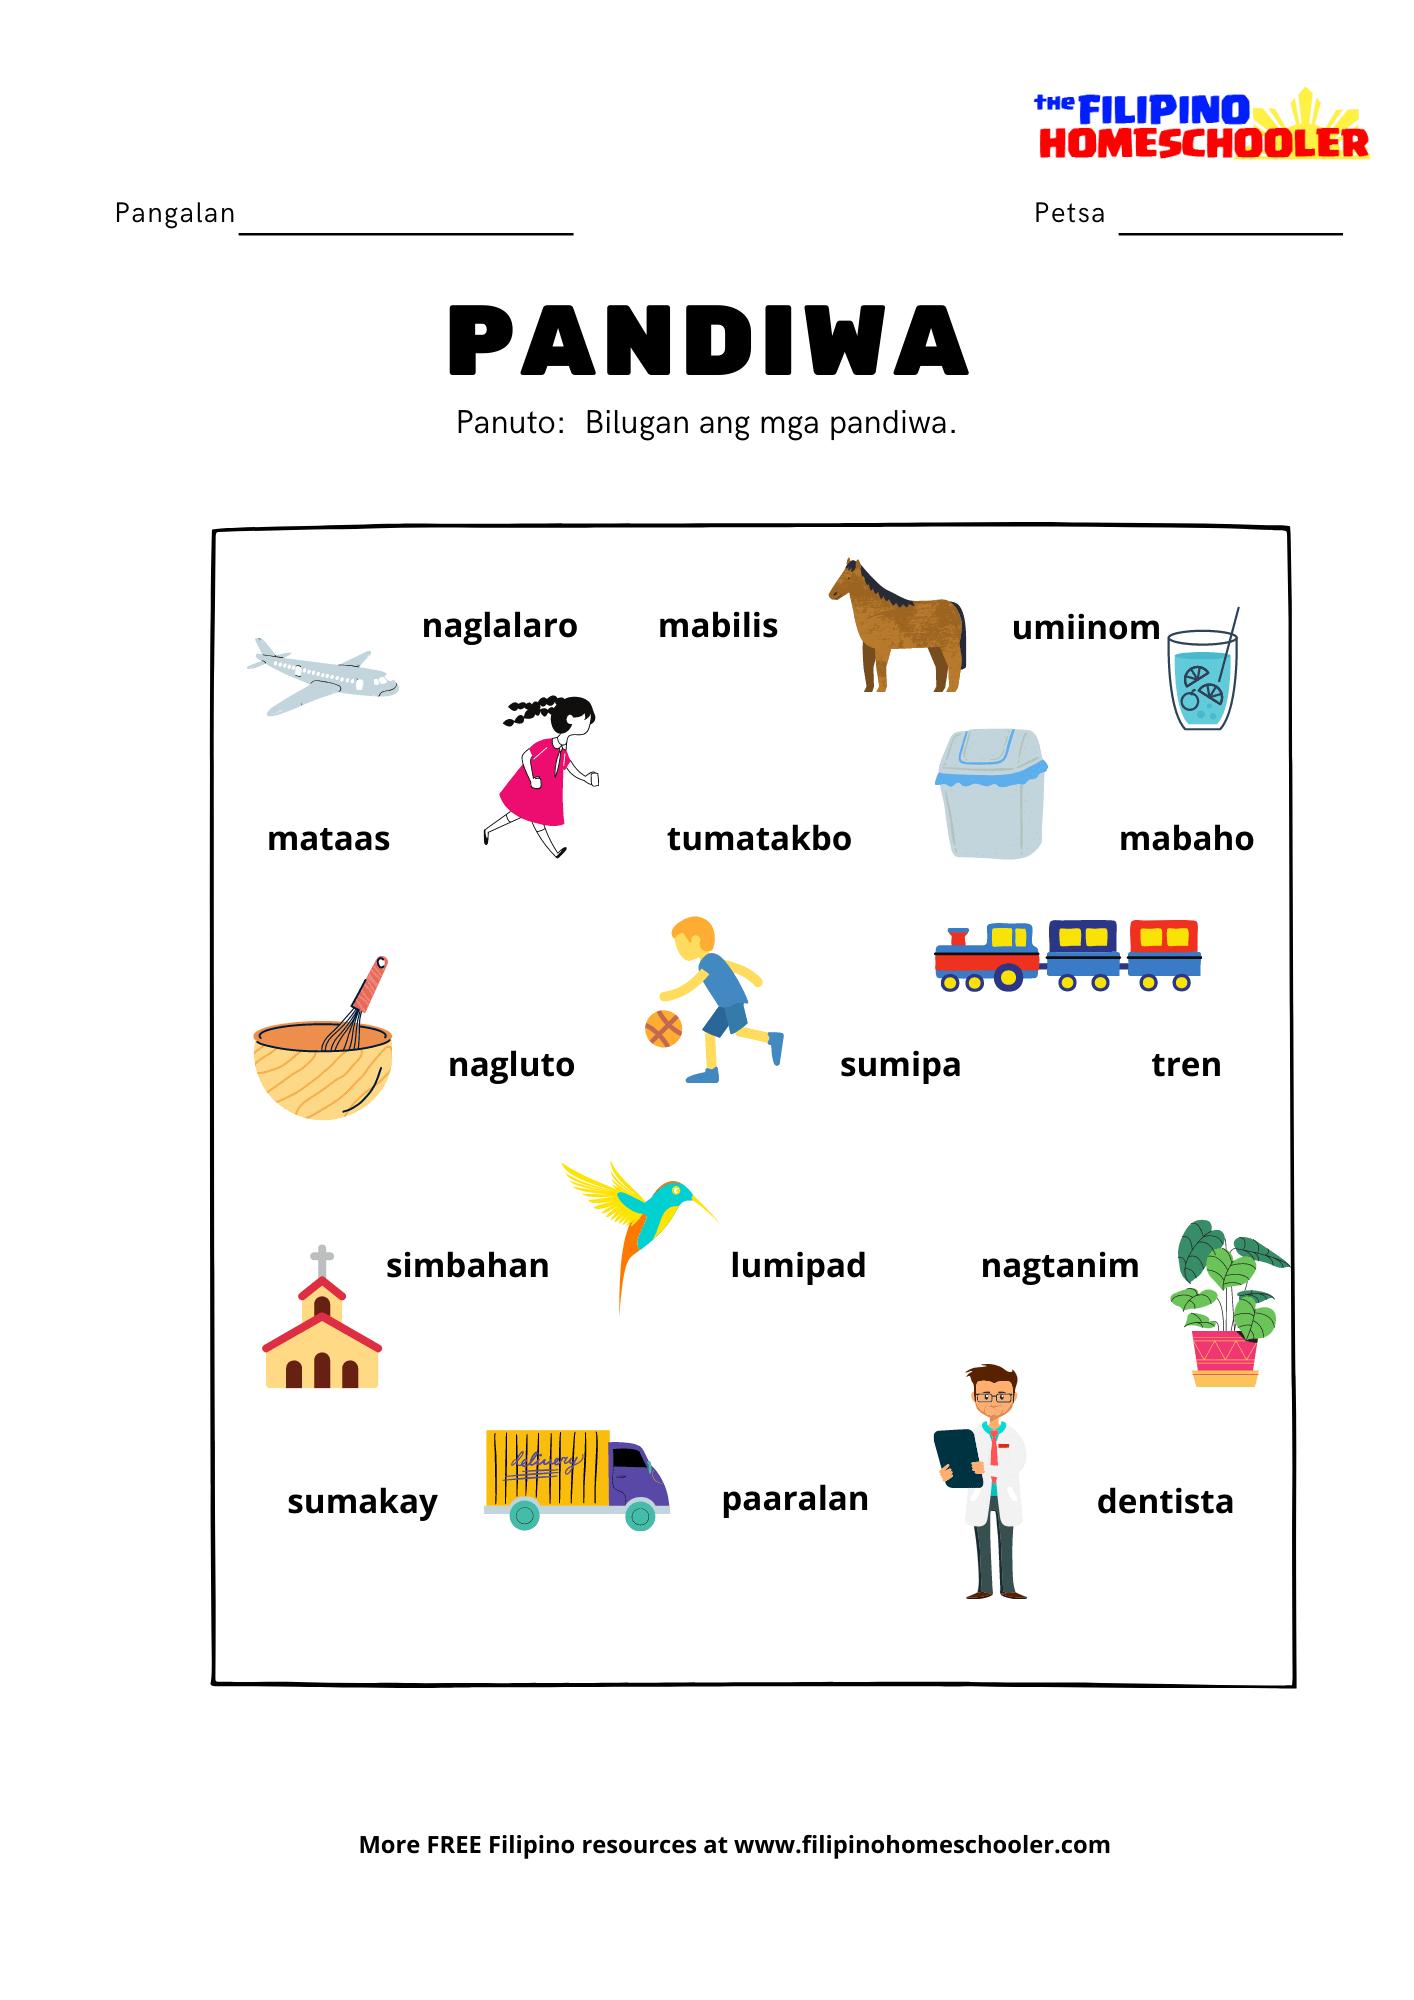 hight resolution of Pandiwa at Mga Halimbawa — The Filipino Homeschooler